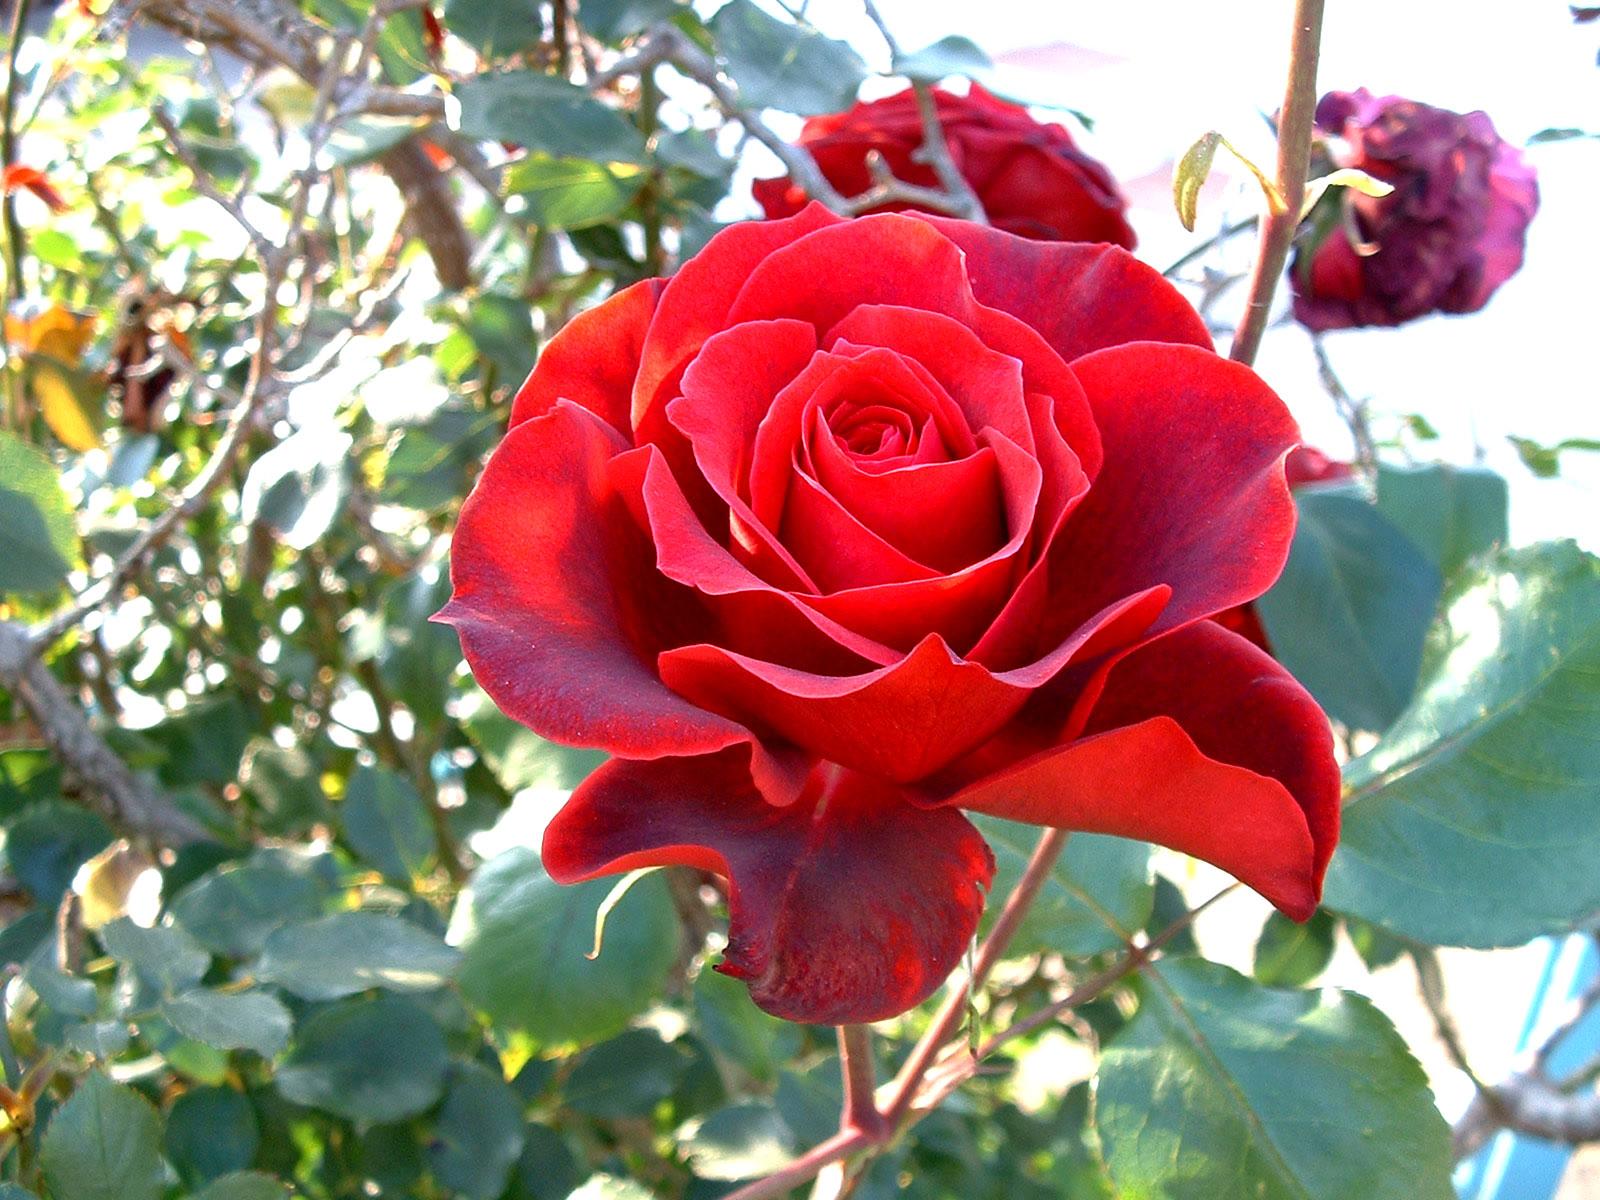 Te regalo una rosa - Página 5 Gran-rosa-roja